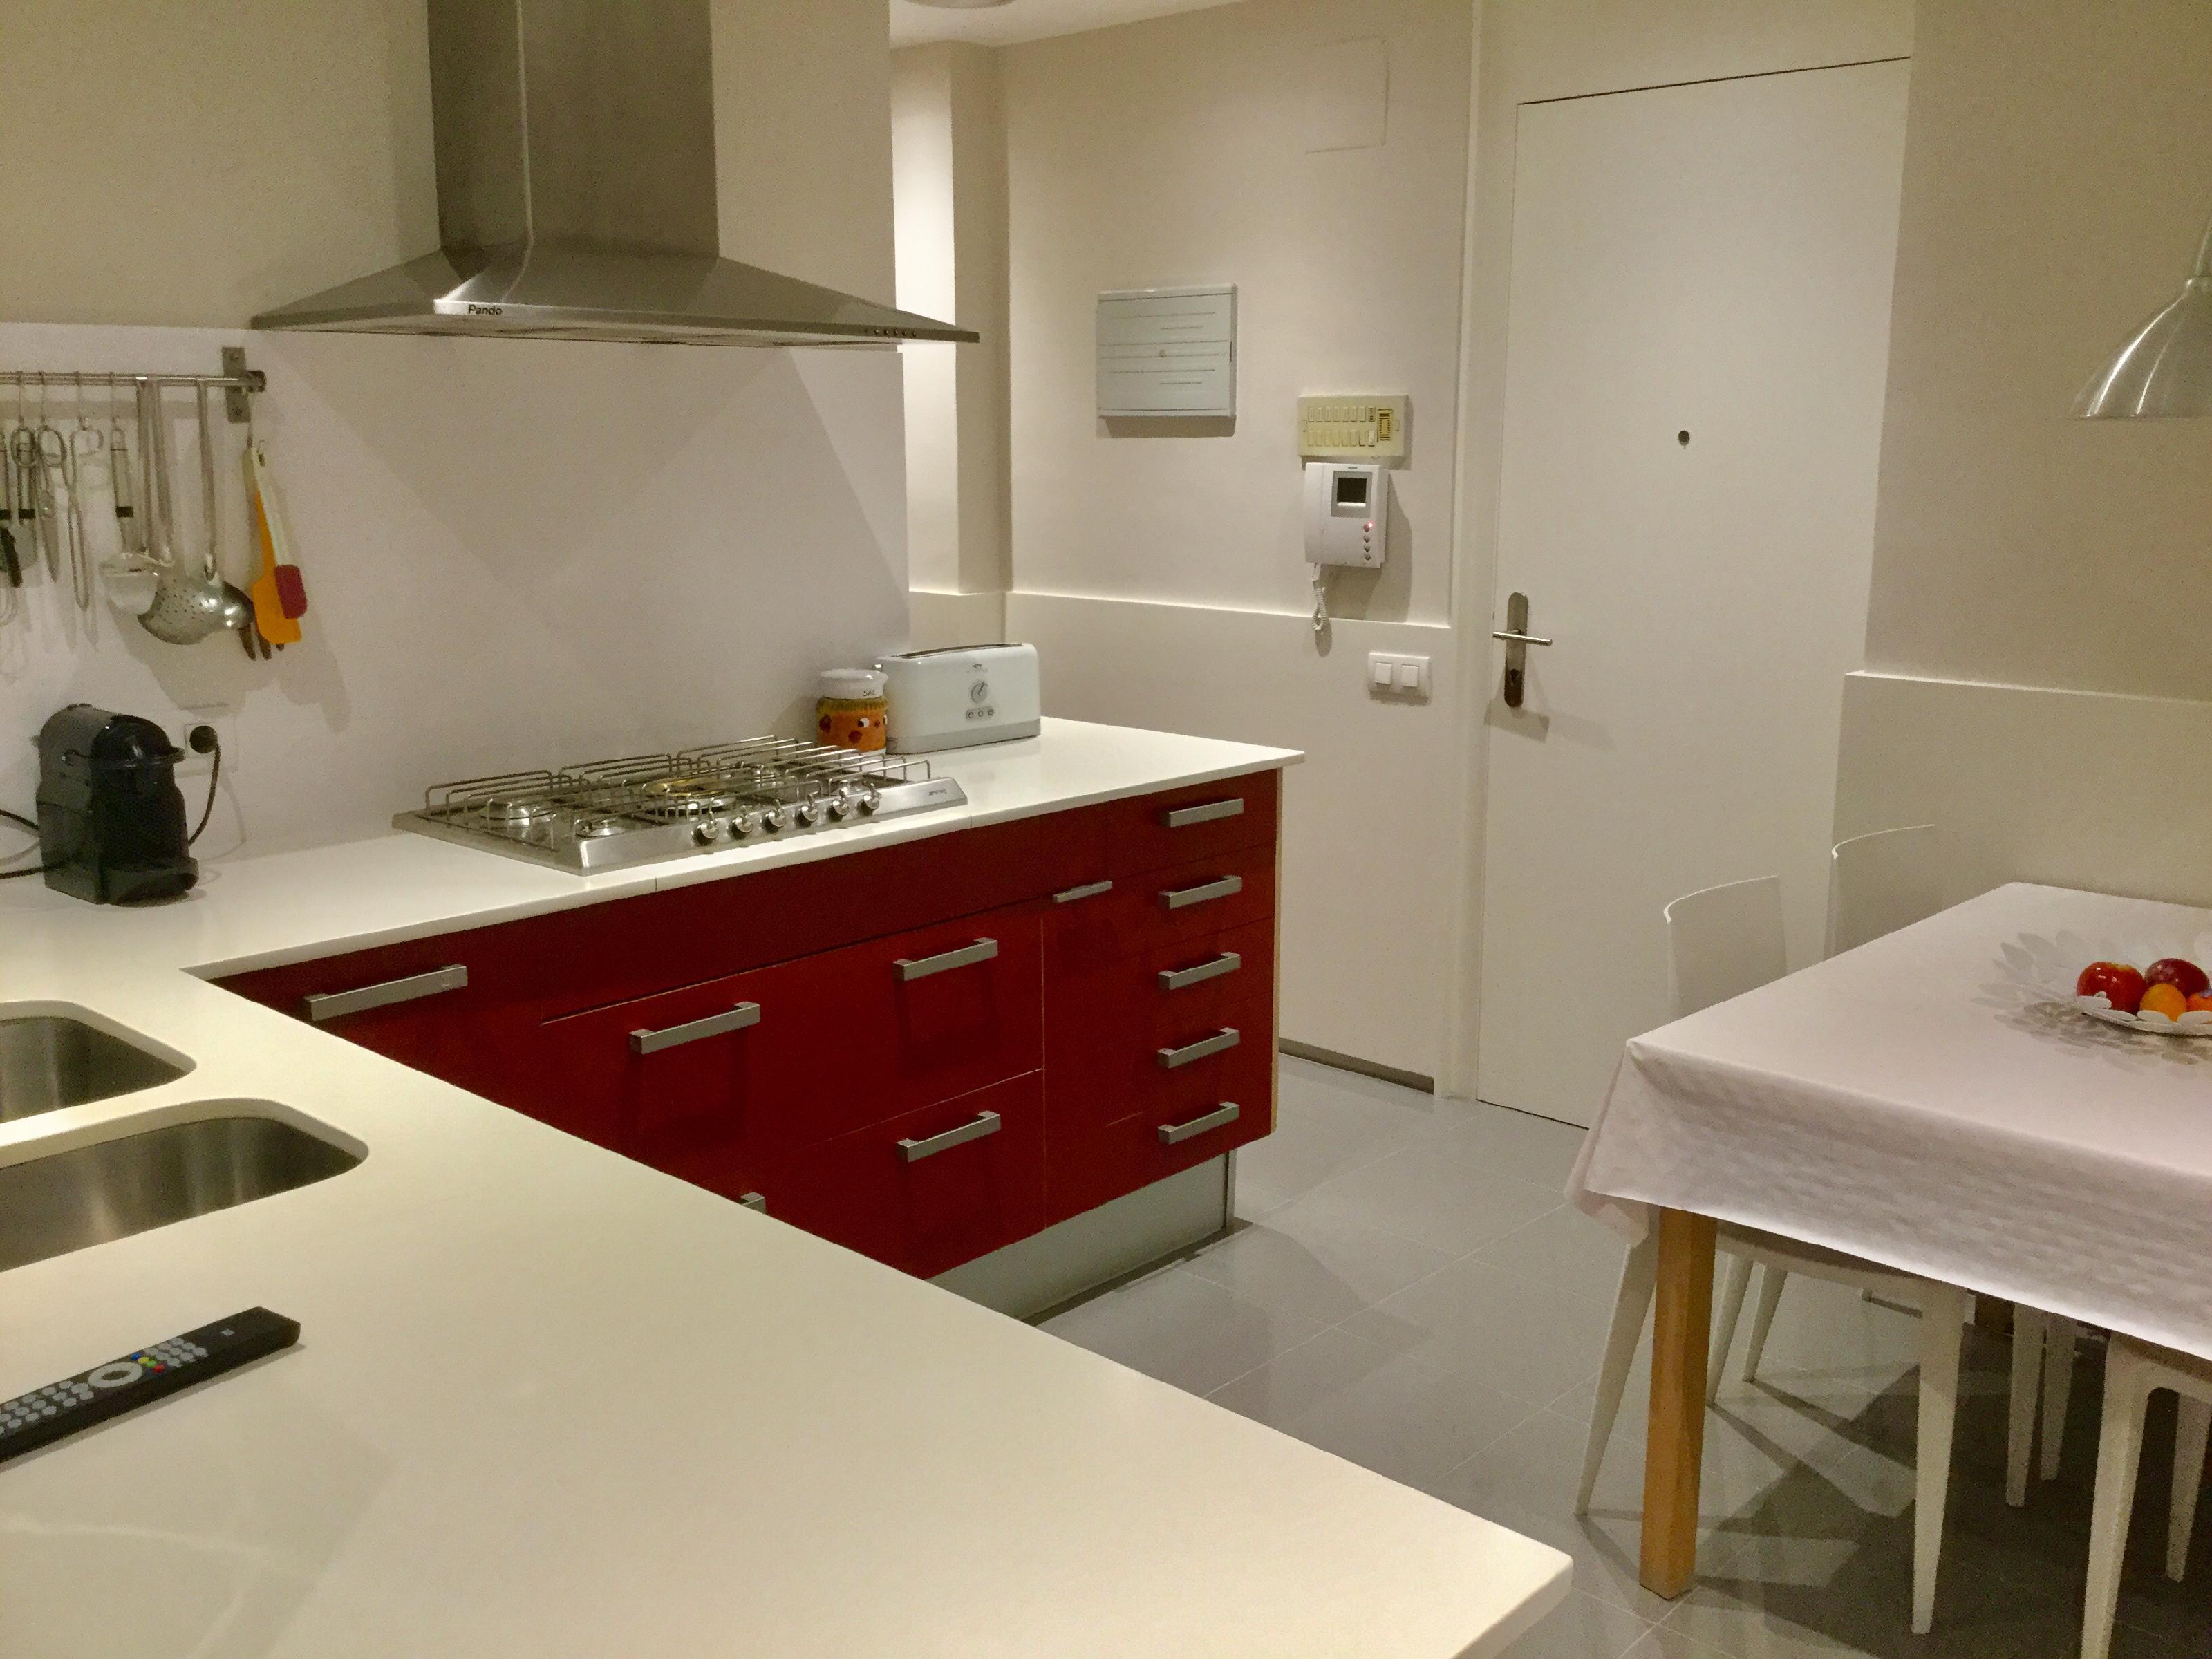 198228 Apartamento en venda en Sarrià-Sant Gervasi, St. Gervasi-Bonanova 9